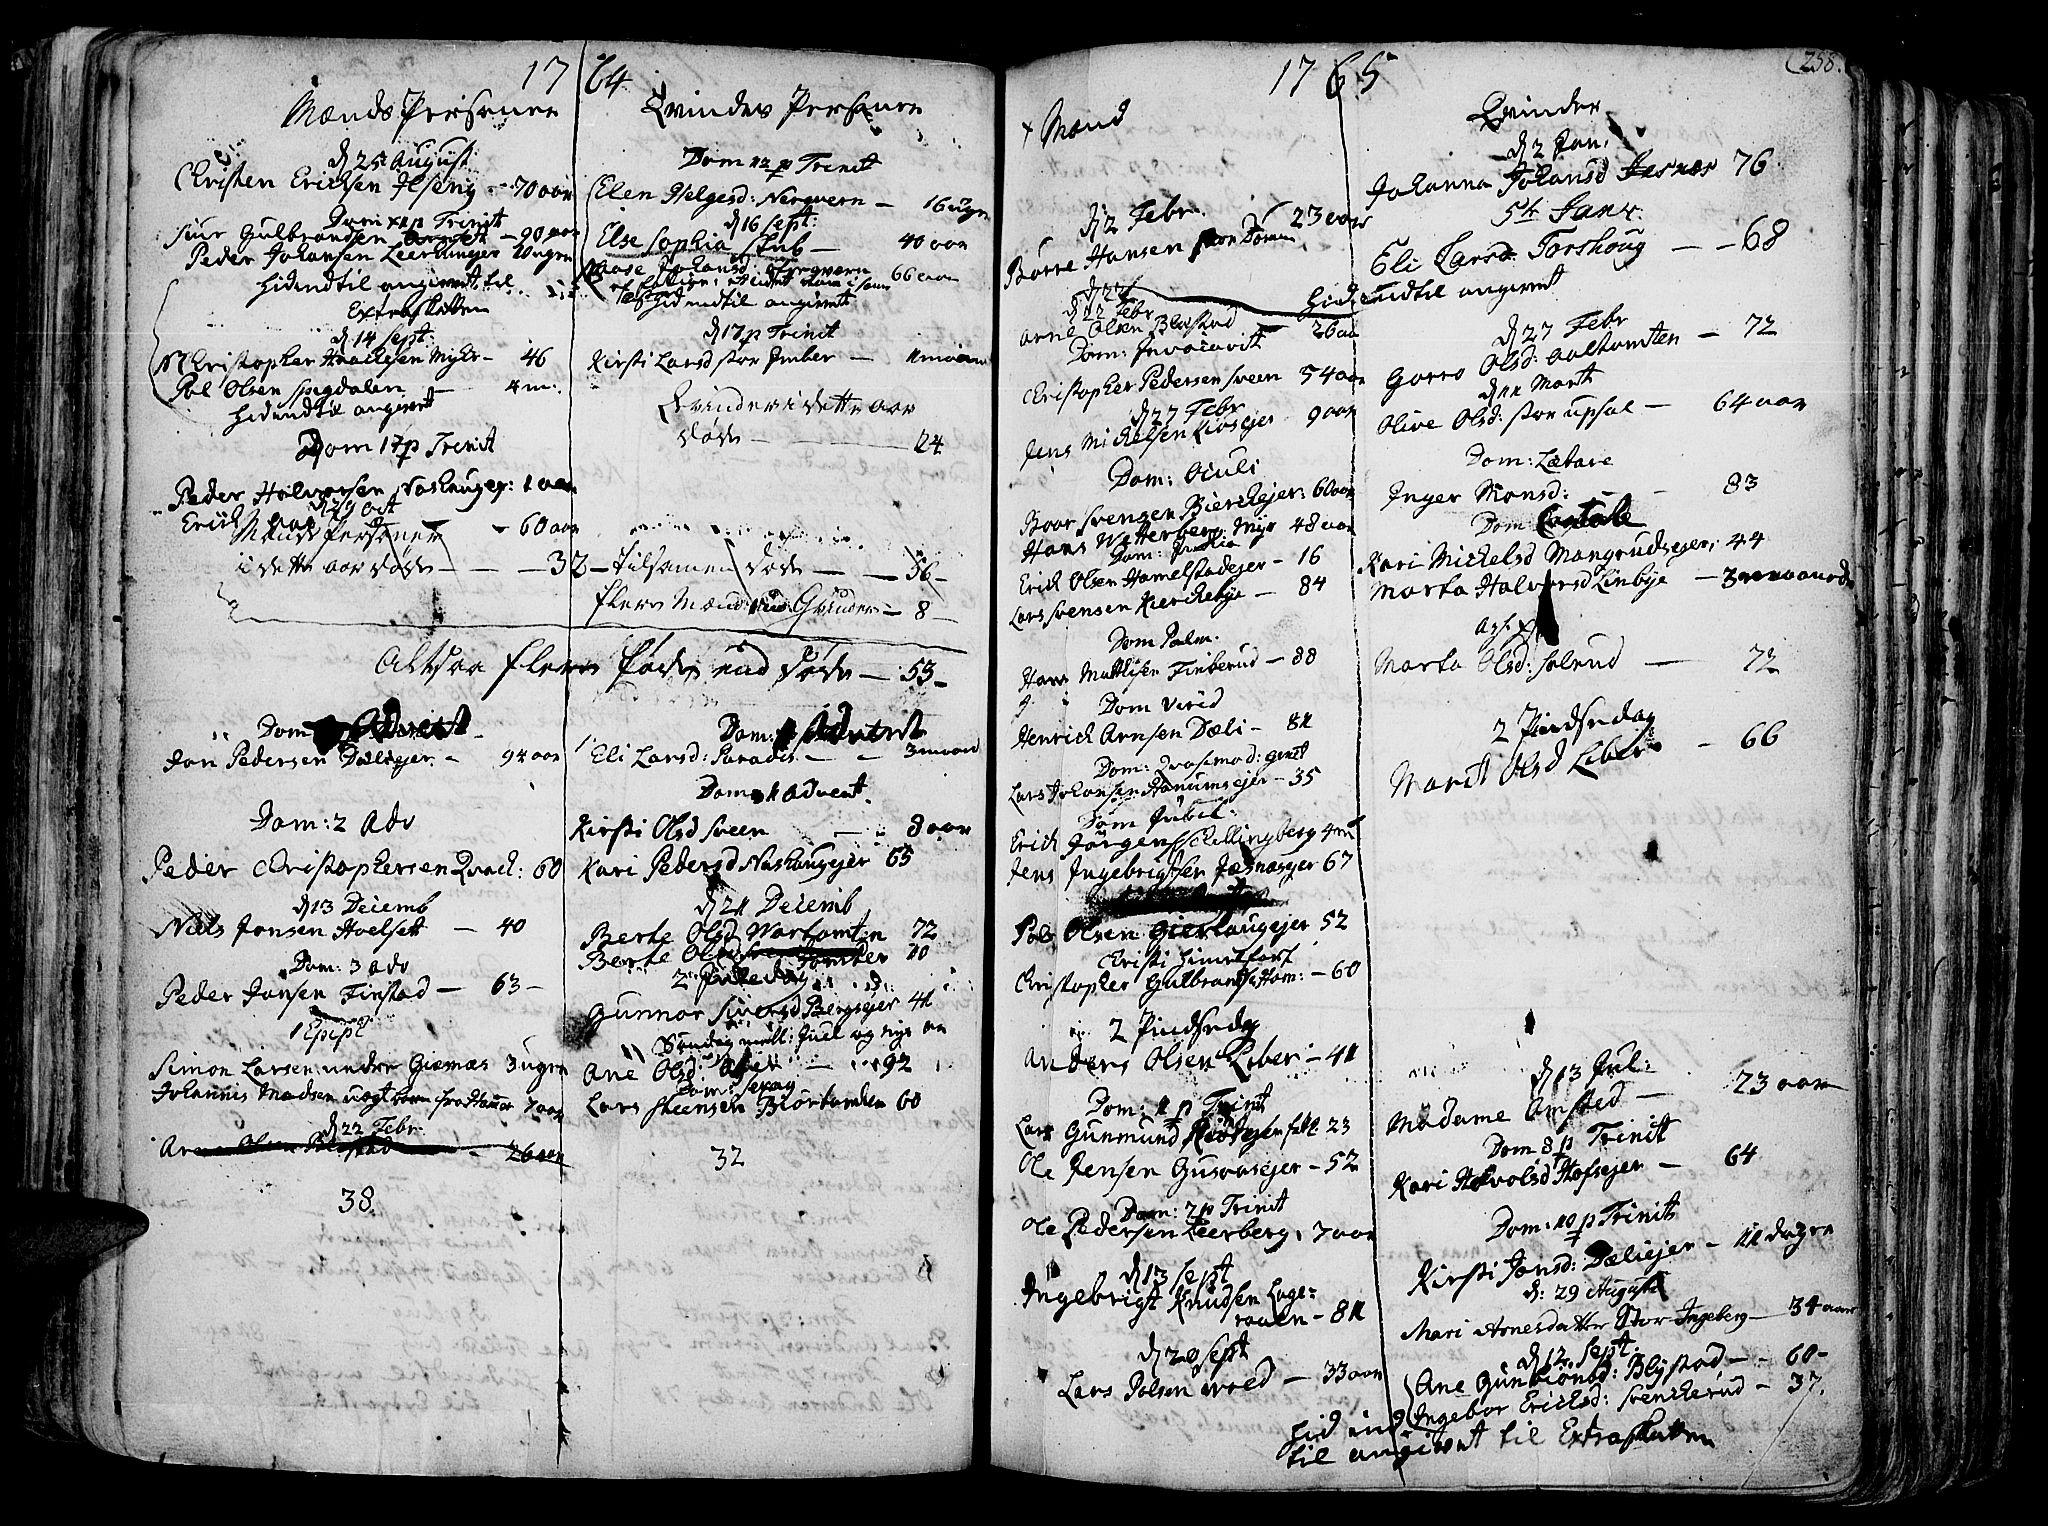 SAH, Vang prestekontor, Hedmark, H/Ha/Haa/L0003: Ministerialbok nr. 3, 1734-1809, s. 258